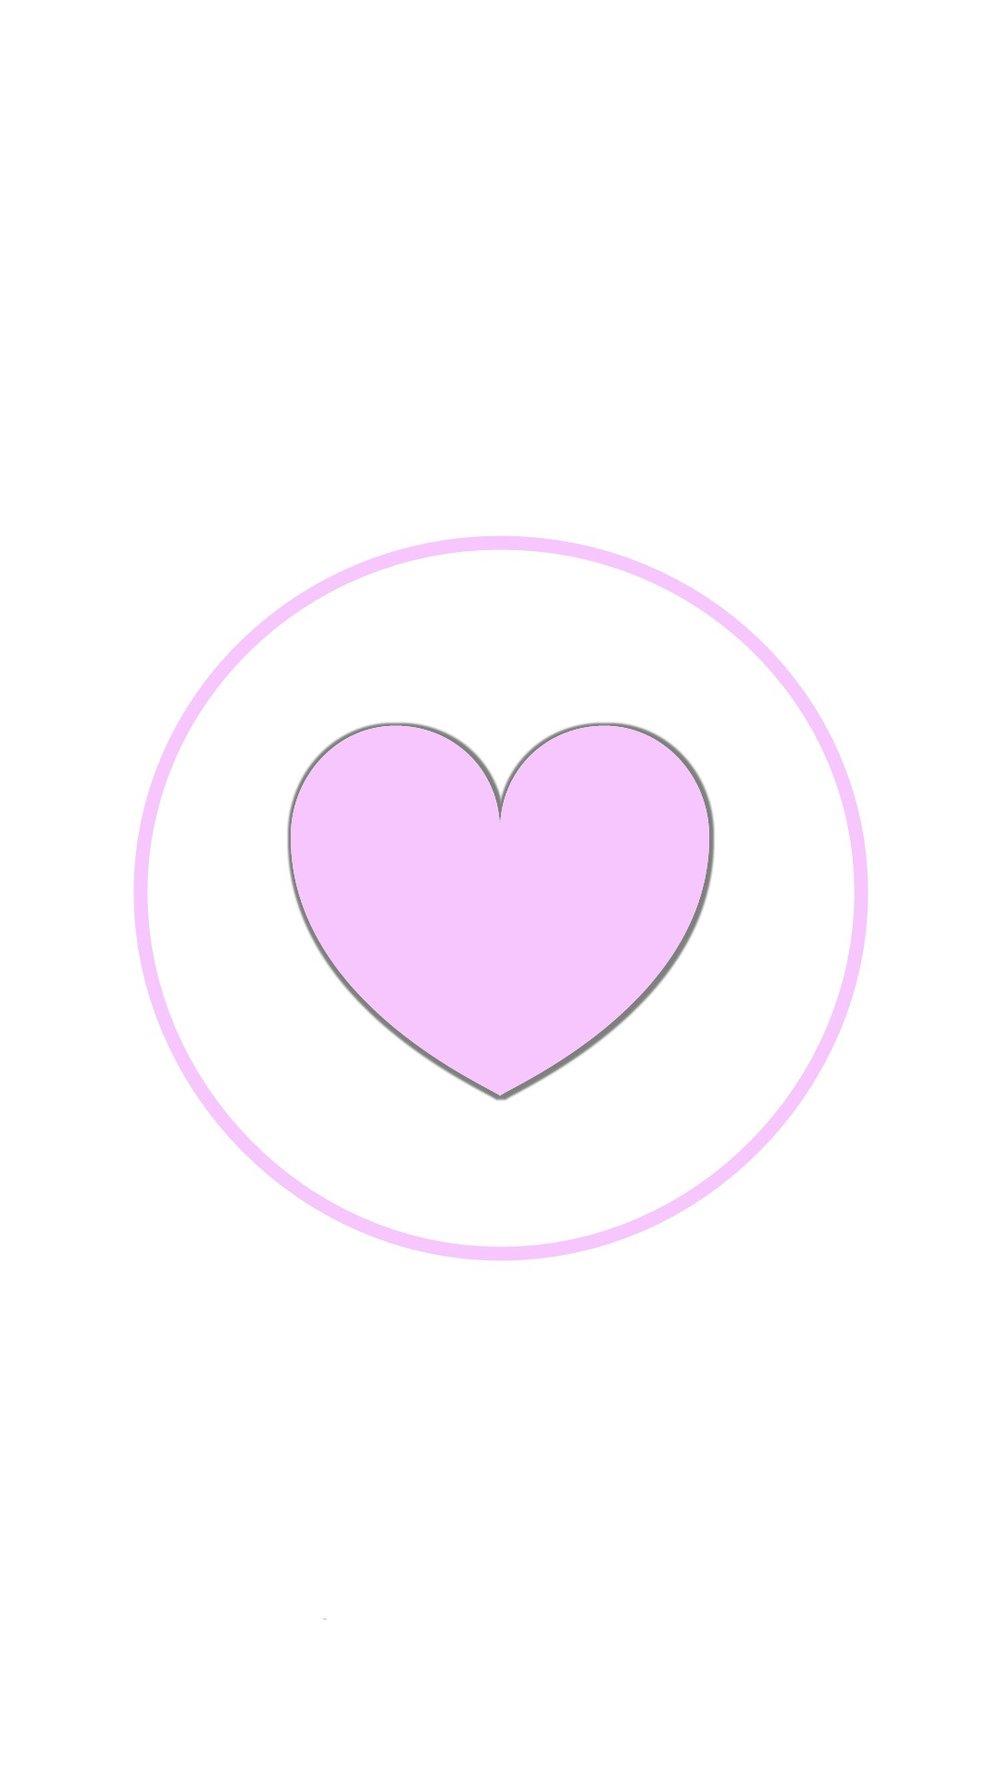 Instagram-cover-heart-pinkwhite-lotnotes.com.jpg